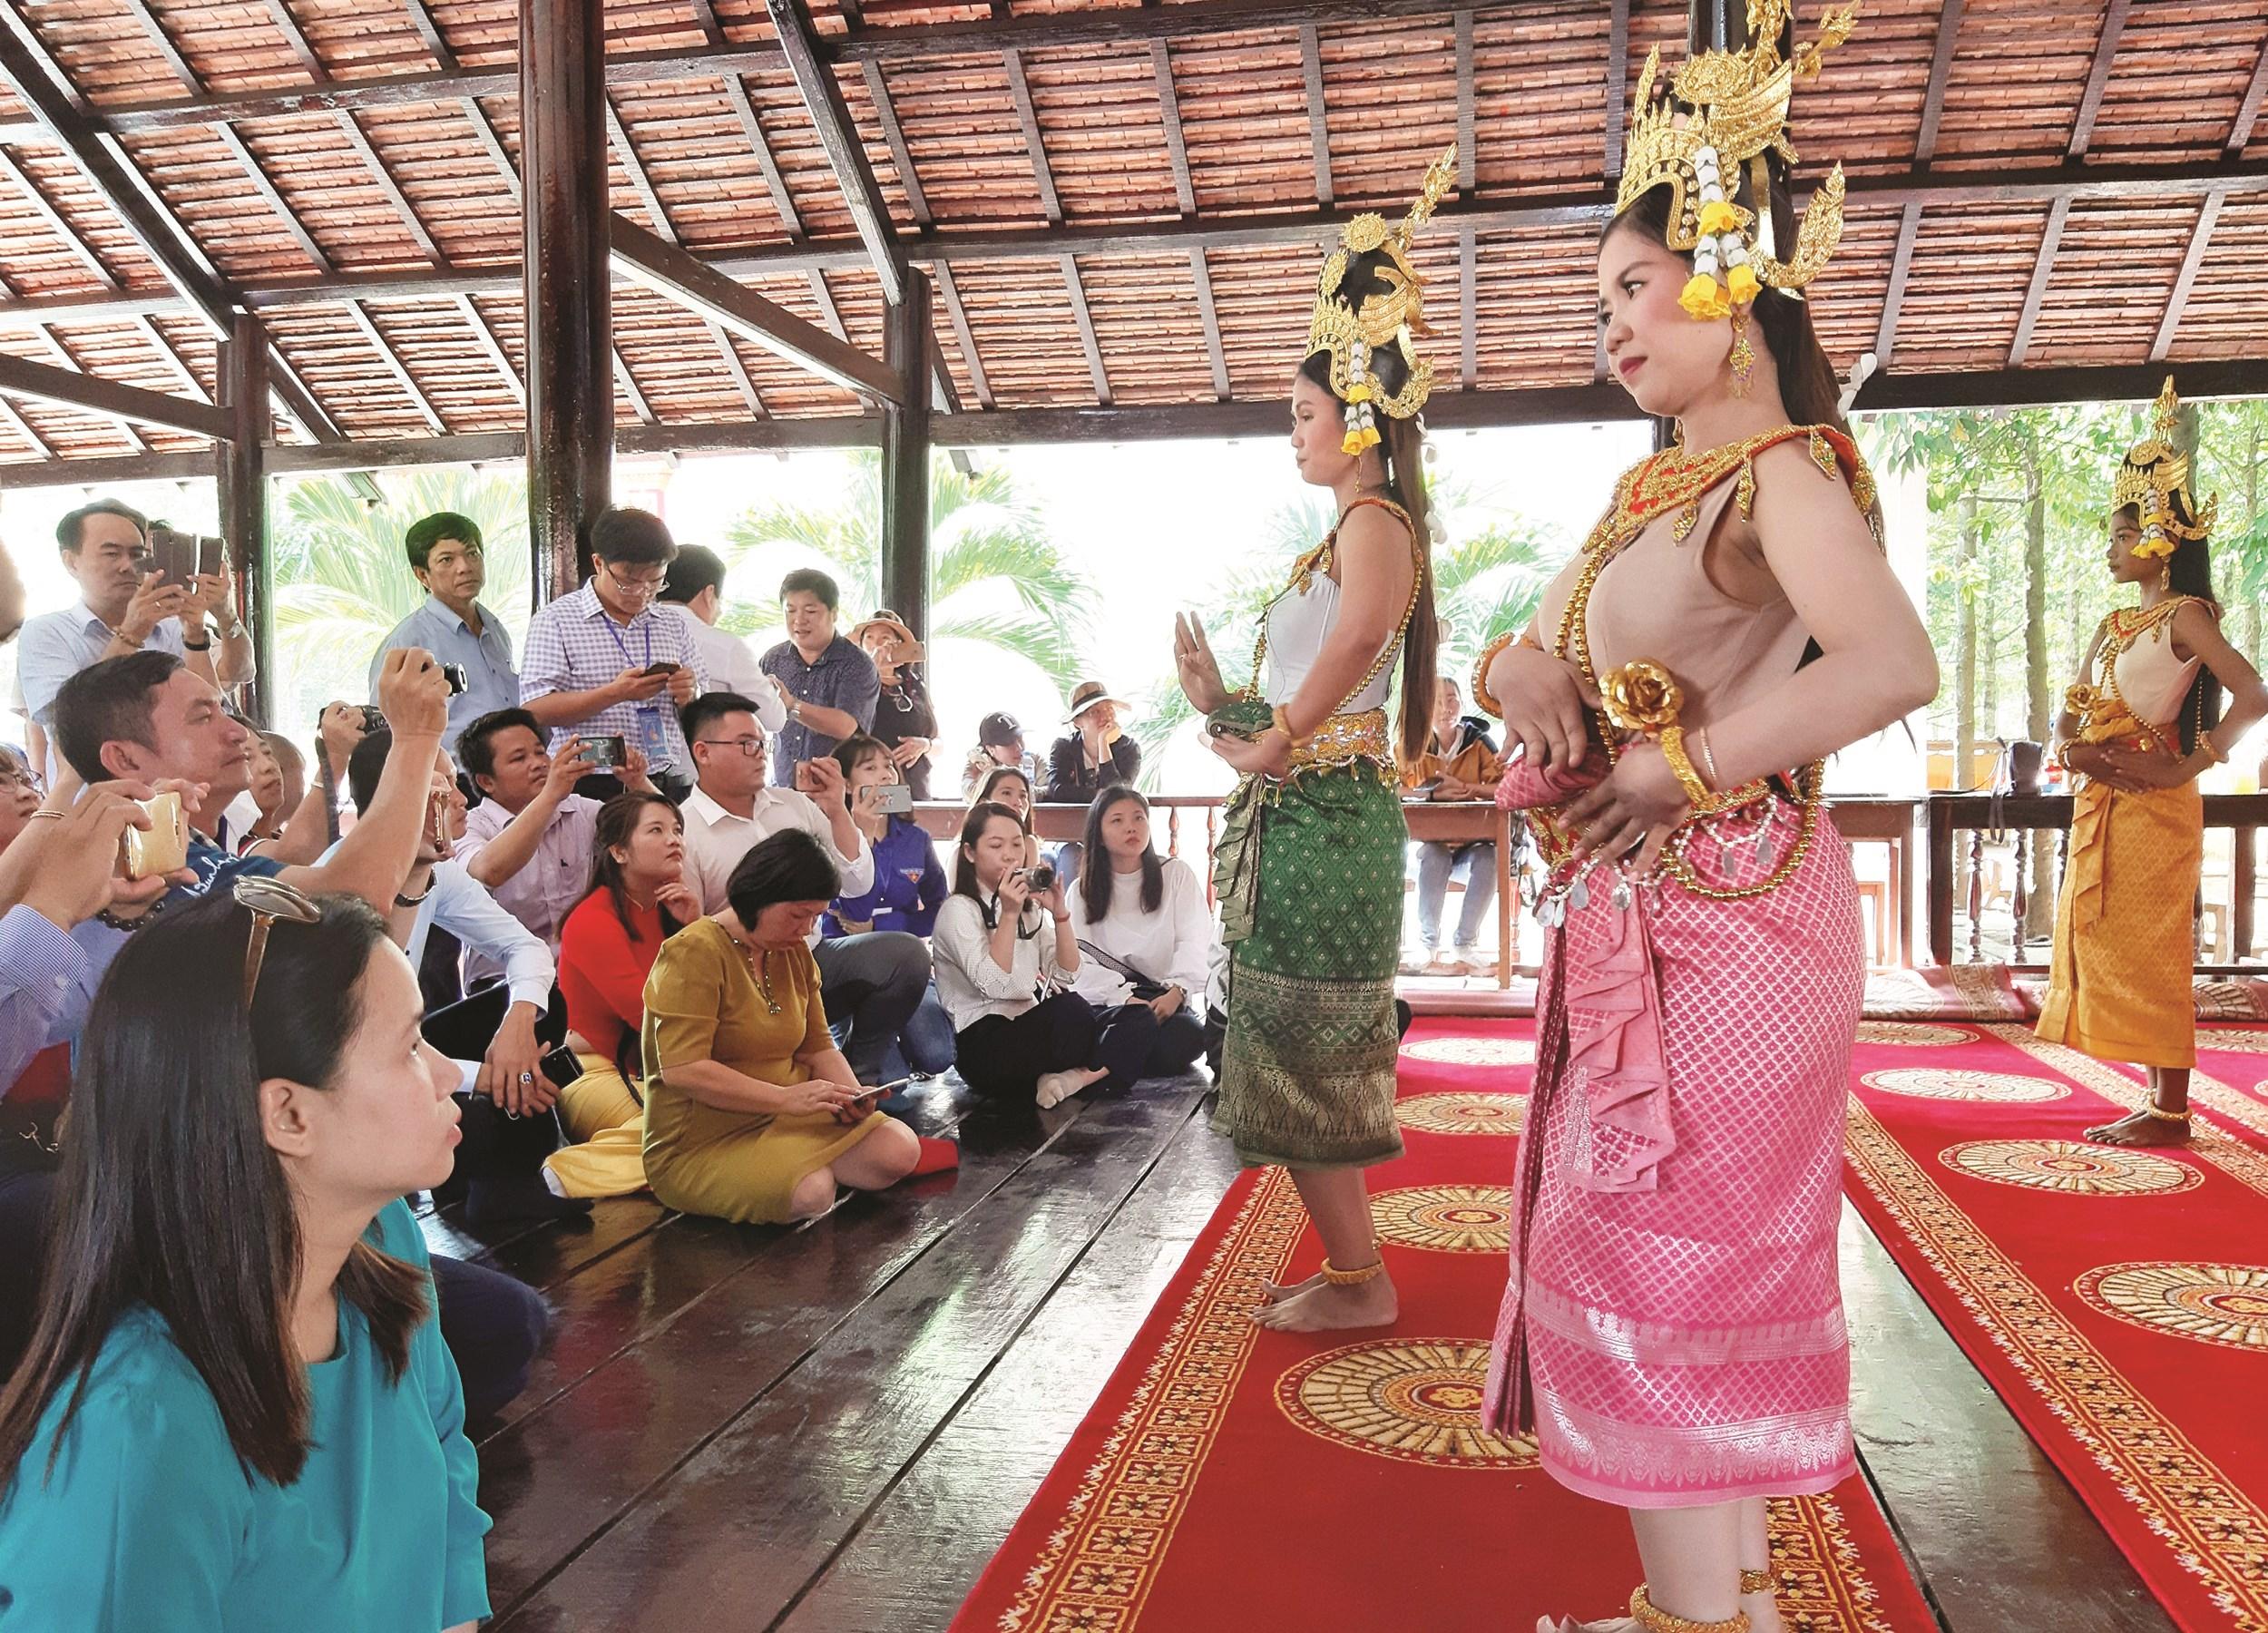 Nhiều du khách thích thú khi thưởng thức những điệu múa truyền thống của đồng bào Khmer mượt mà, uyển chuyển do Đội Văn hóa - Văn nghệ Khmer chùa Xiêm Cán biểu diễn